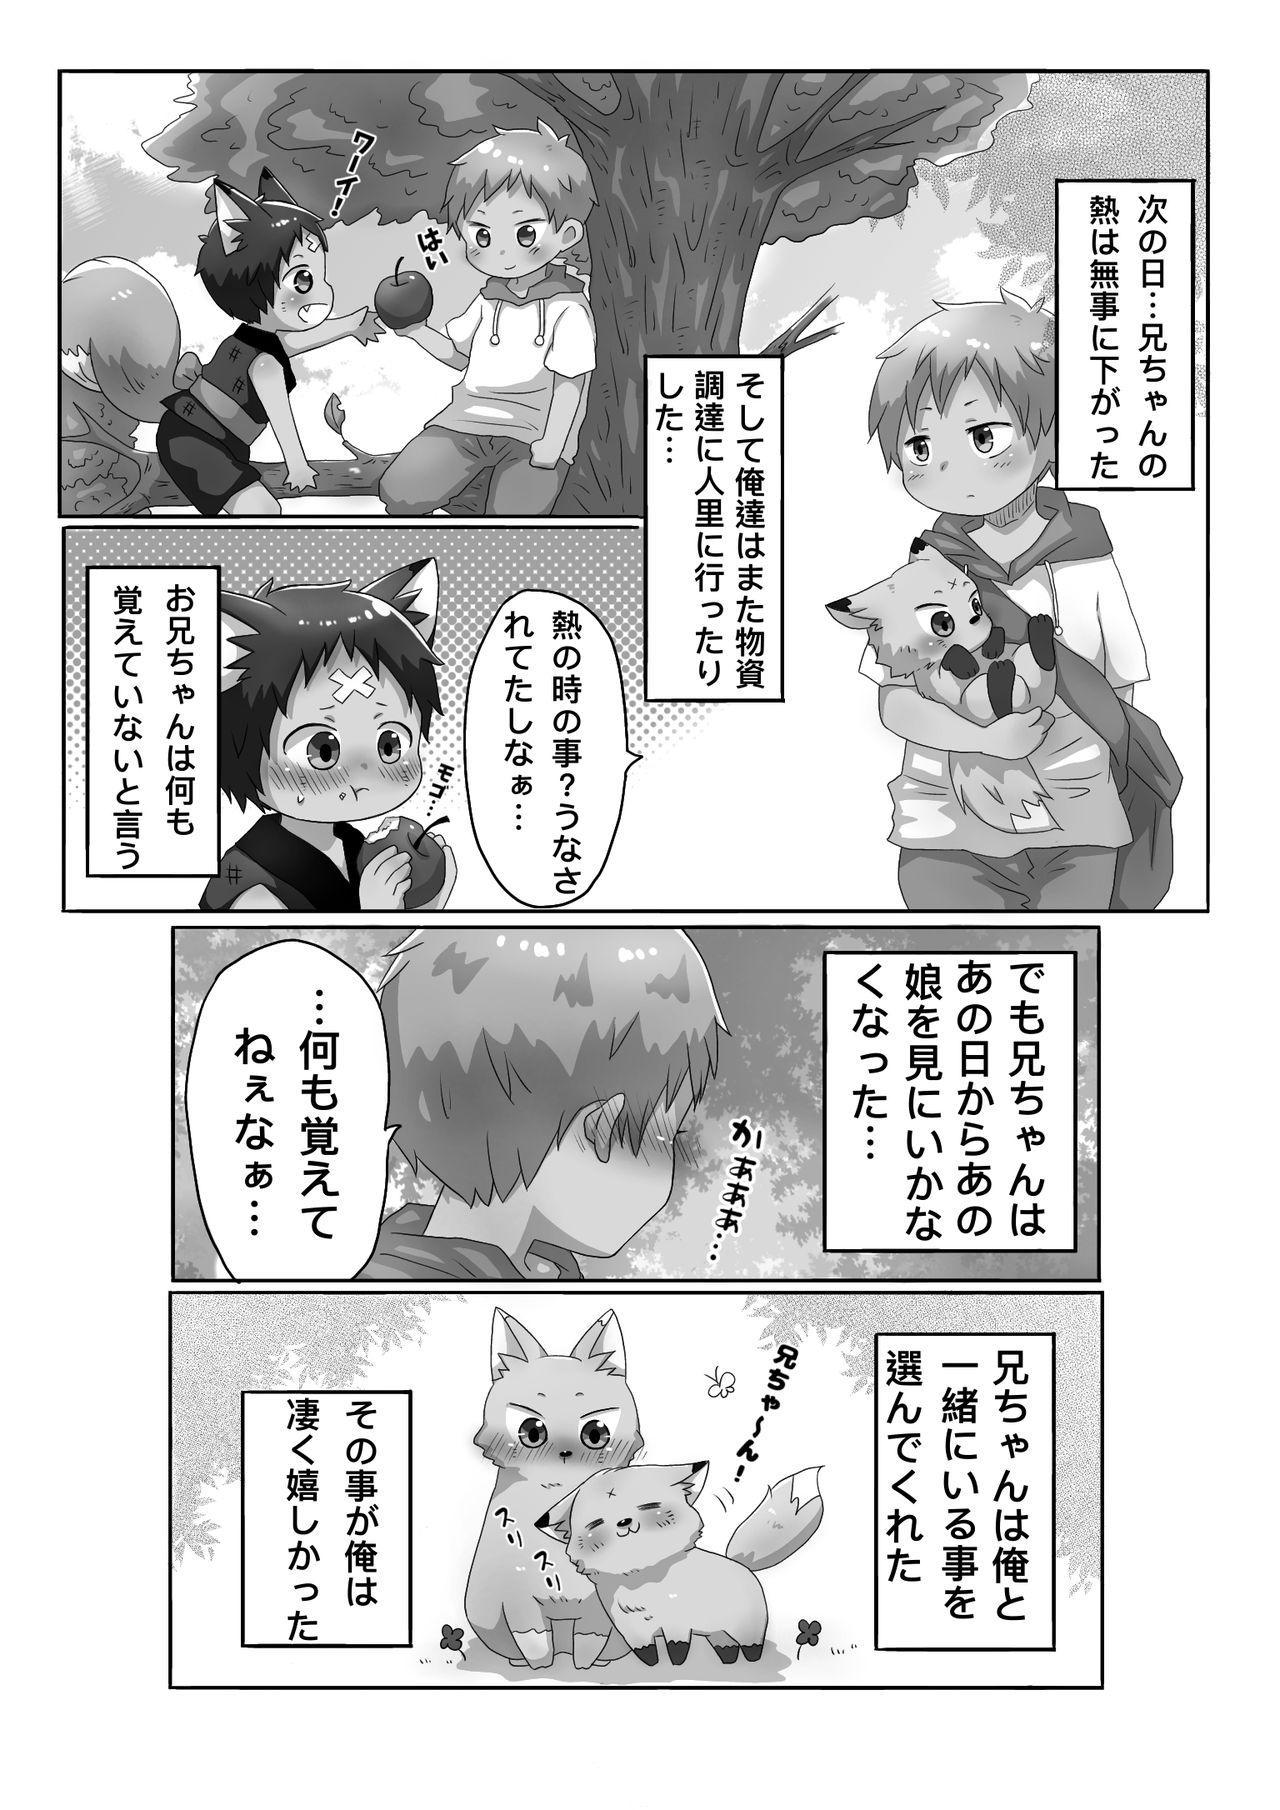 ゴロタ - 狐男児の話 15